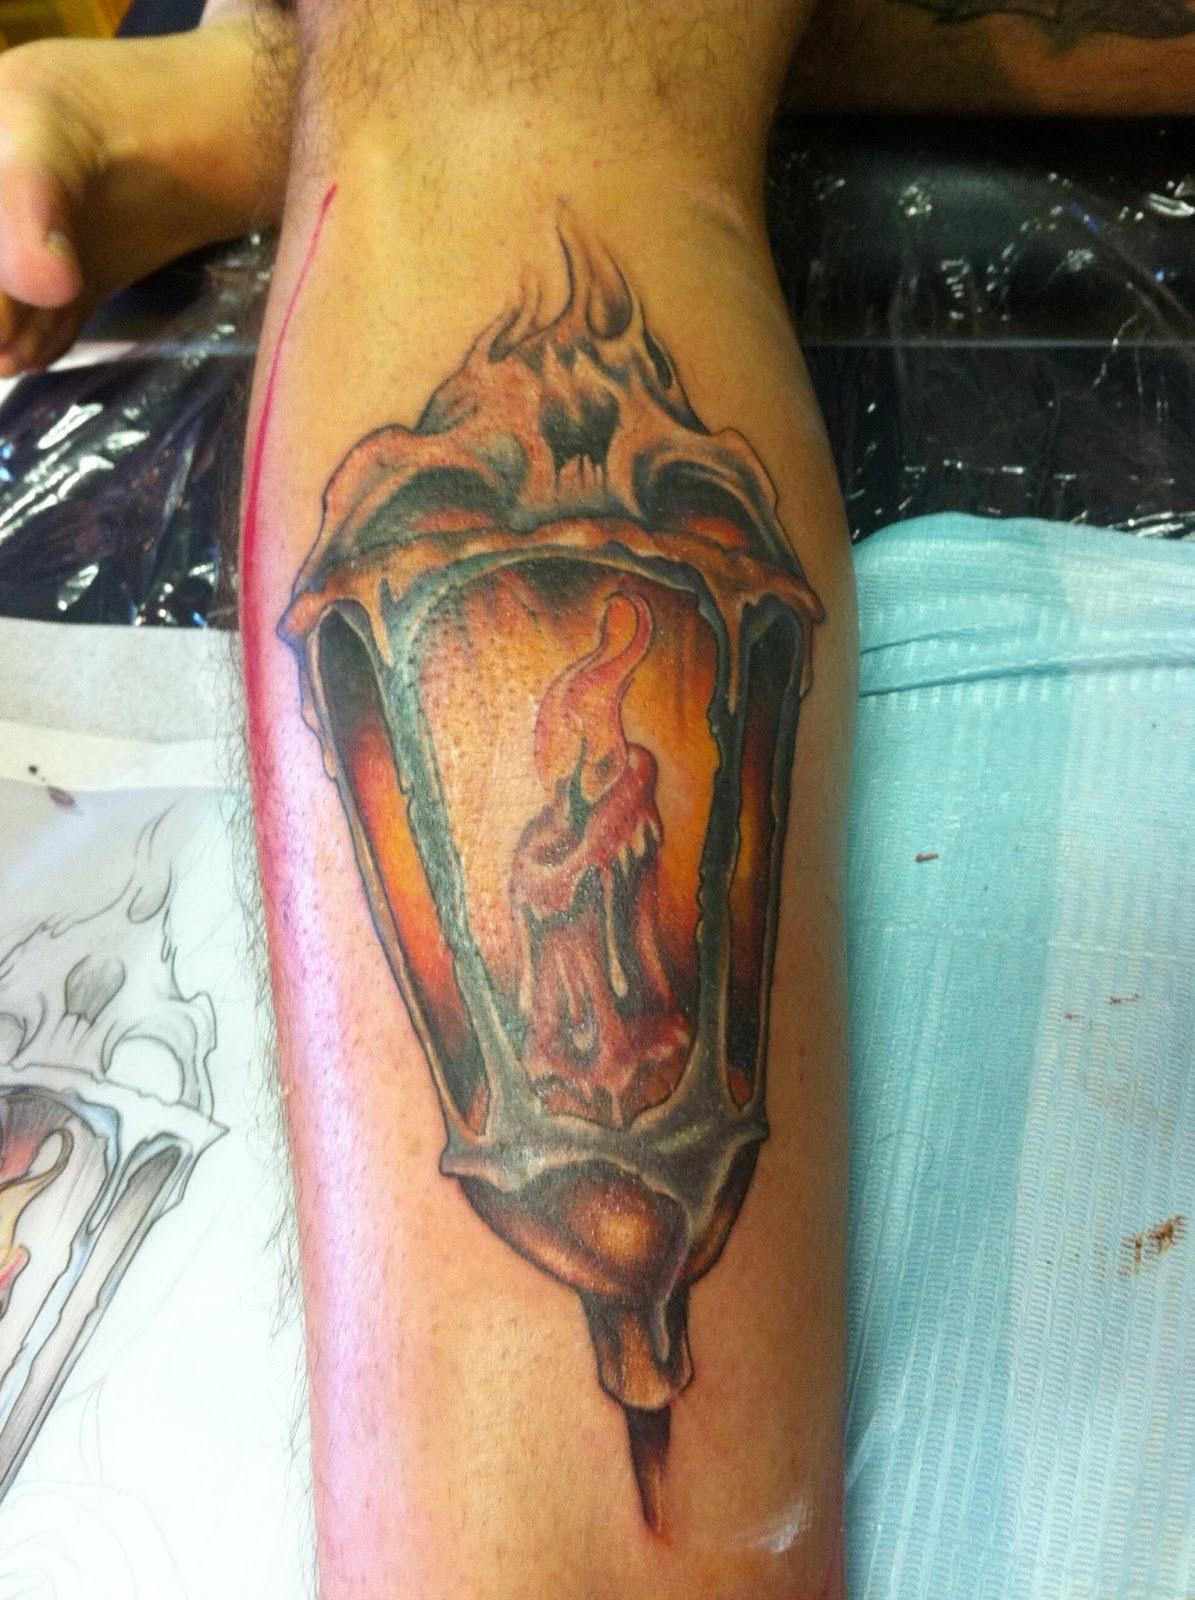 signification de tatouage - Tatouages quelle signification pour quel tatoo ? Mensquare